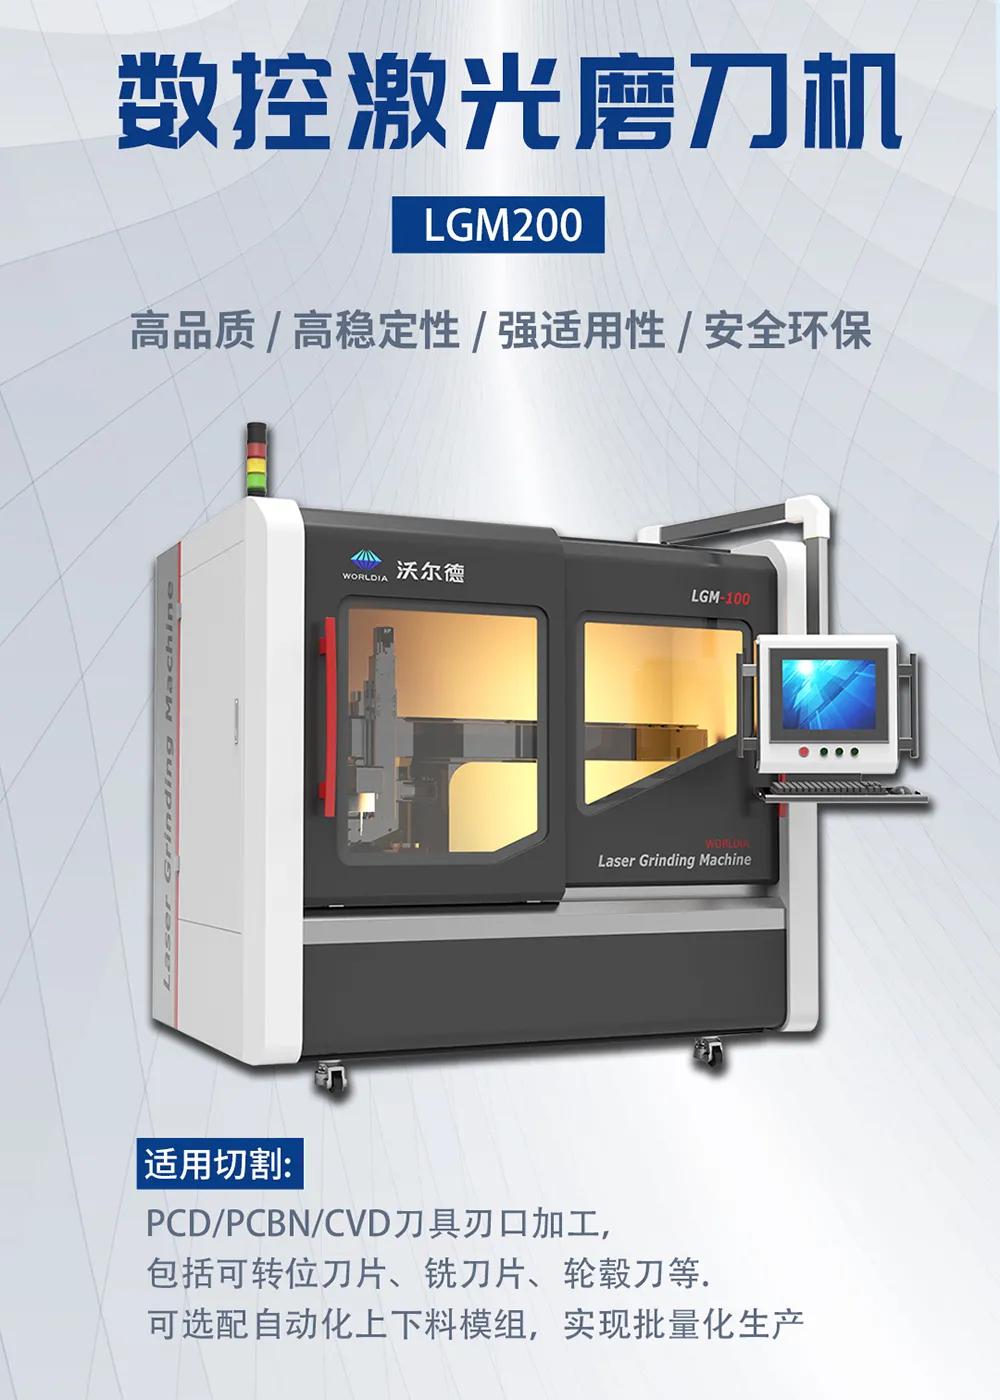 大功率光纤激光切割机,助力客户高效加工